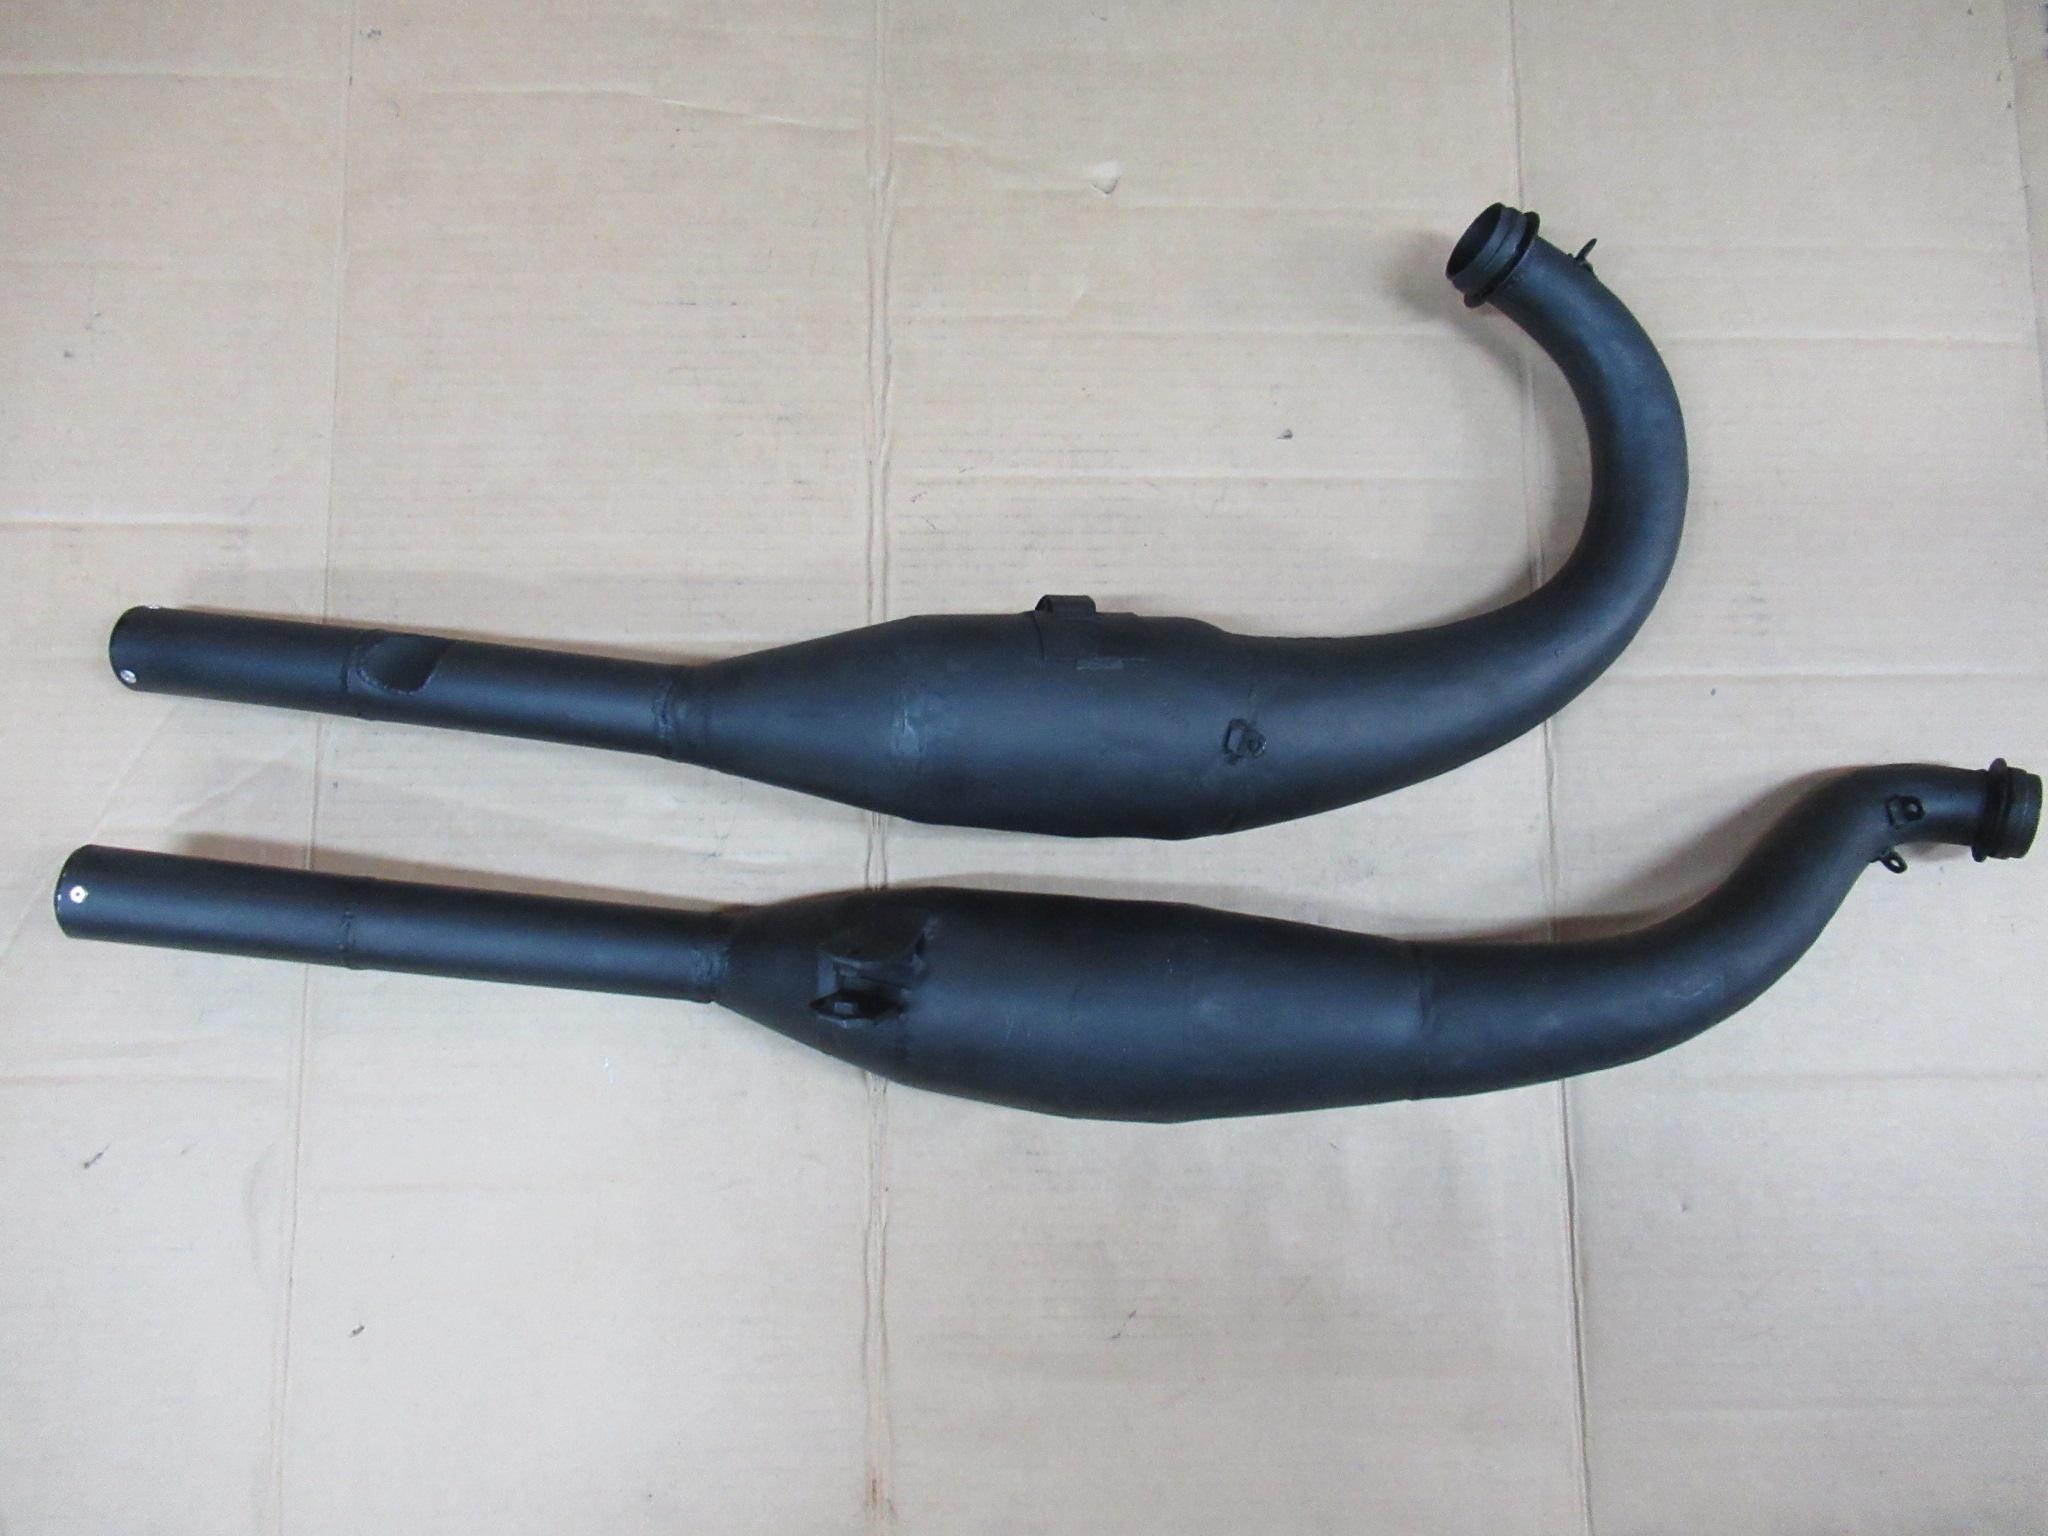 http://www.precious-factory.com/preciousfactory2010/IMG_0842.JPG